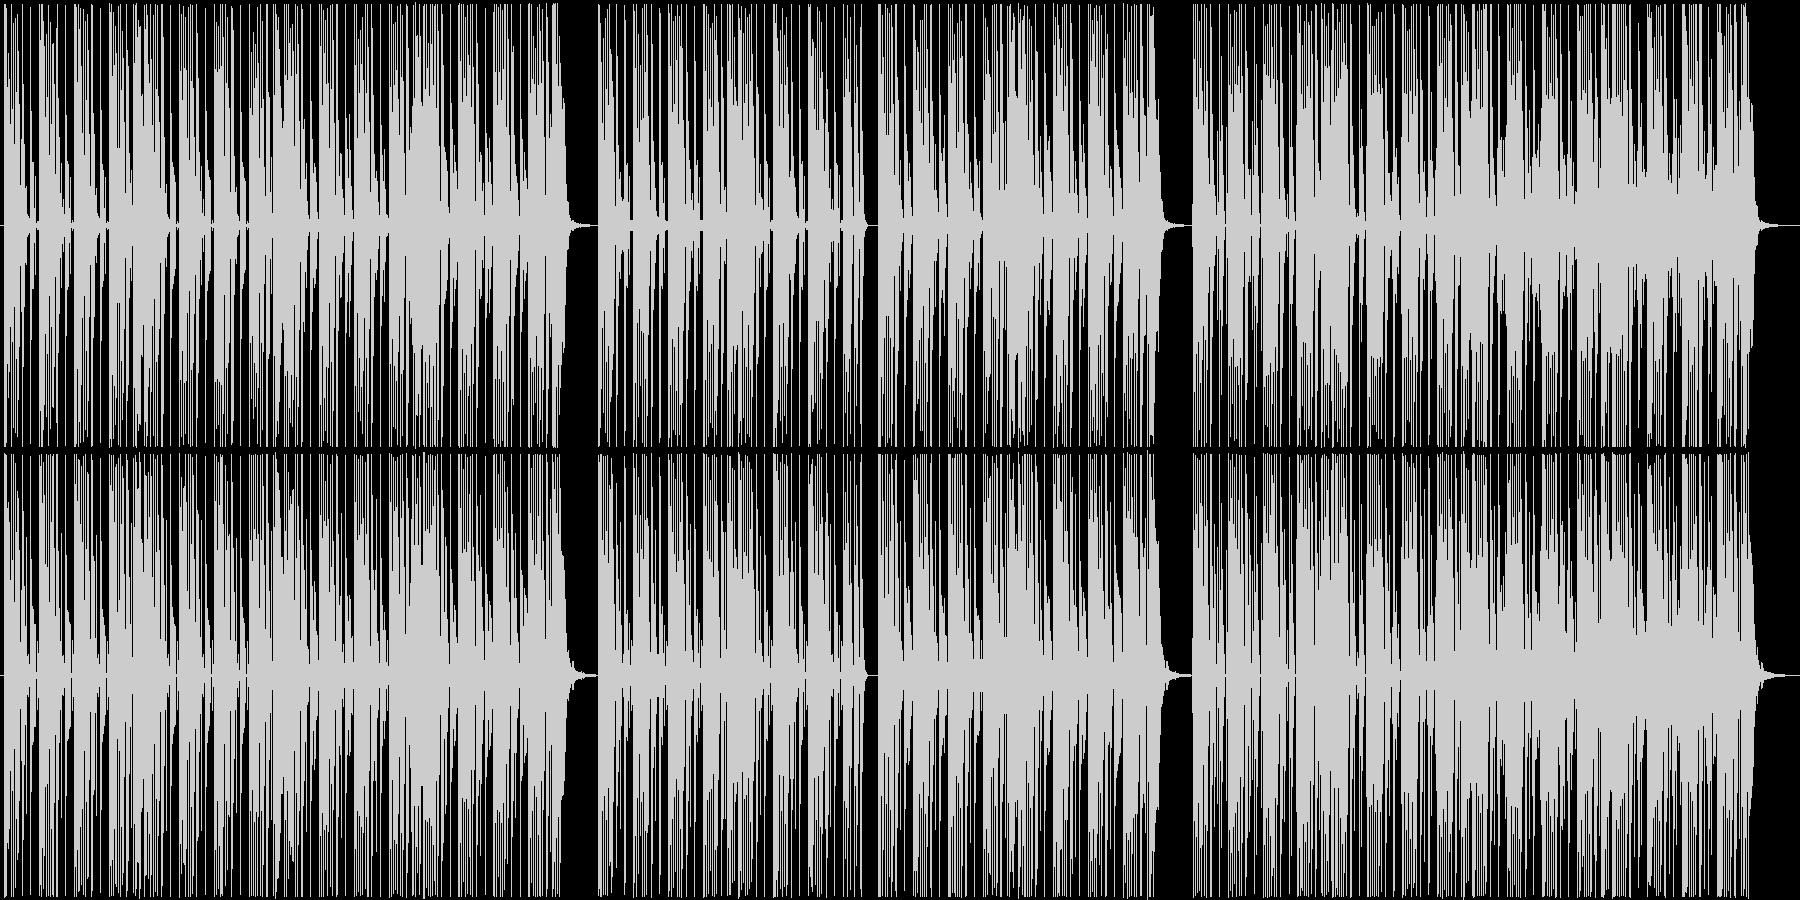 ブルゾンちえみの35億のようなBGM2の未再生の波形